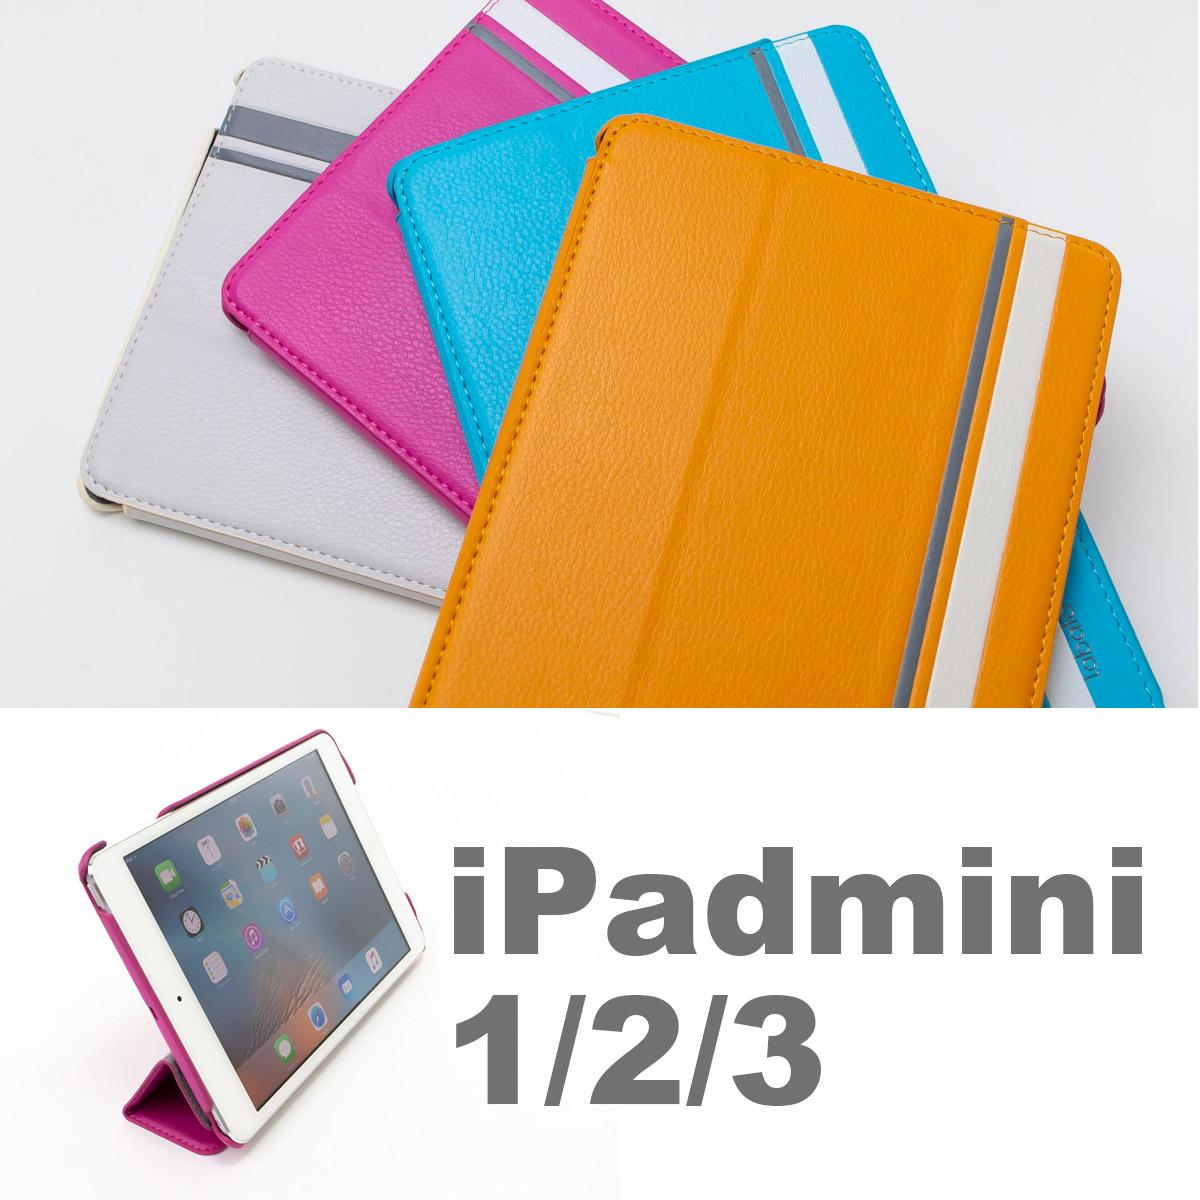 メール便送料無料 ipad miniケース ipadmini ノート型 ケース レザー ipad二つ折ケース 初代 2世代 3世代 手帳 アイパッド オートスリープ mini 早割クーポン 皮 mini2 安売り mini3 カバー ノート アイパッドミニ オートスリープ対応